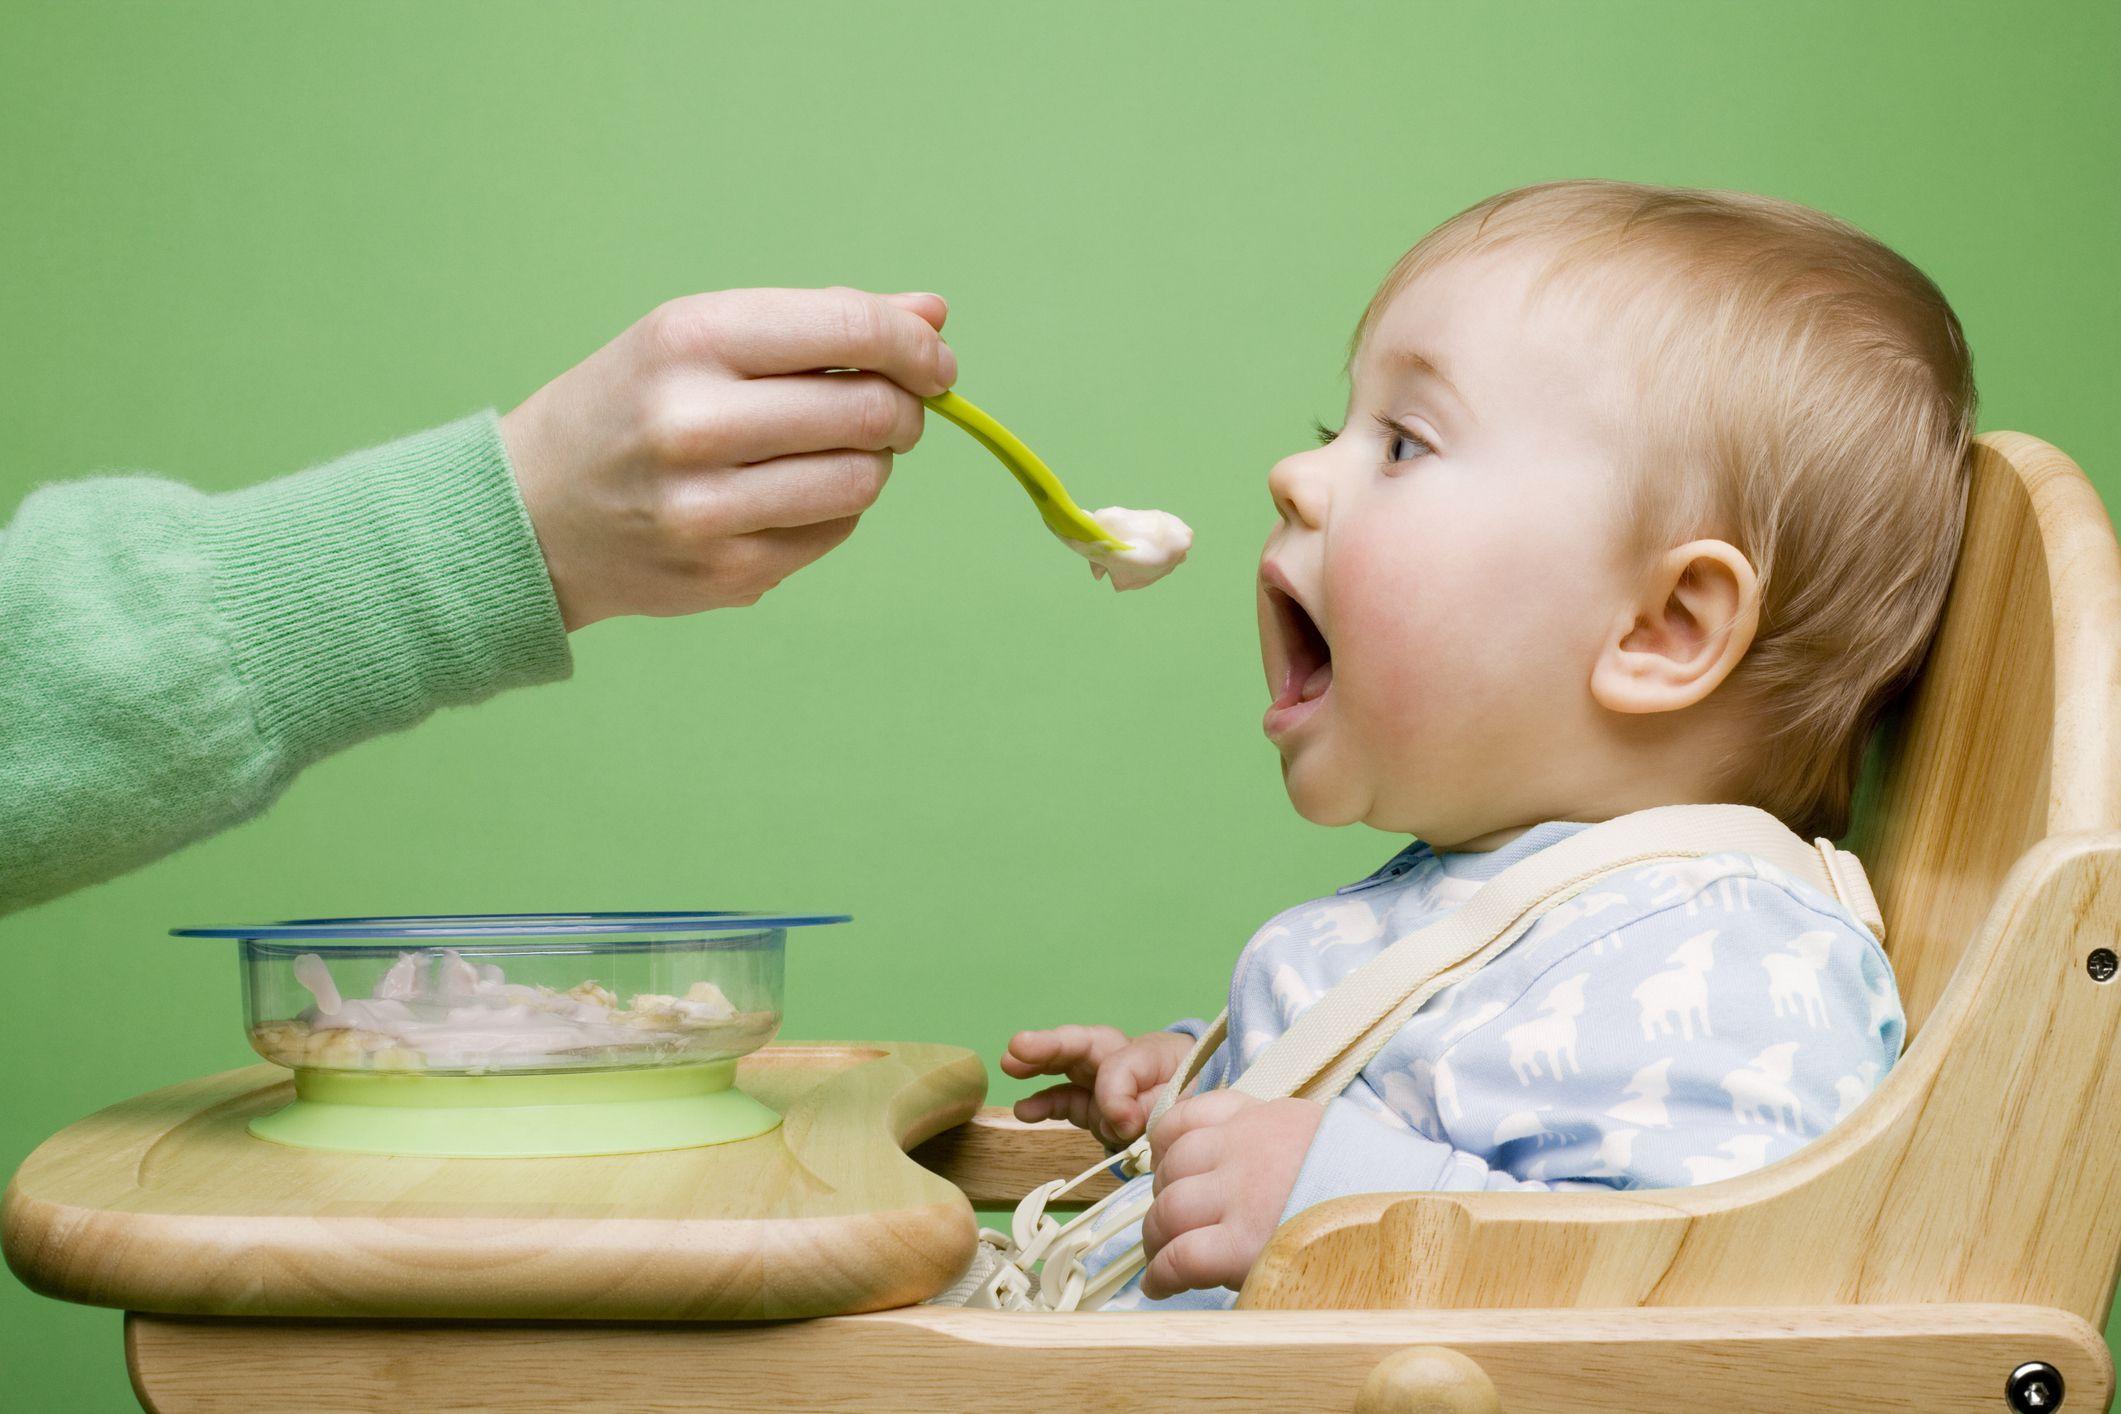 تناول الأطعمة الصلبة مبكرًا يعرض الرضع لمشكلات صحية مستقبلًا - مستويات الجراثيم المعوية ومنتجاتها الثانوية - الأحماض الدهنية قصيرة السلسلة